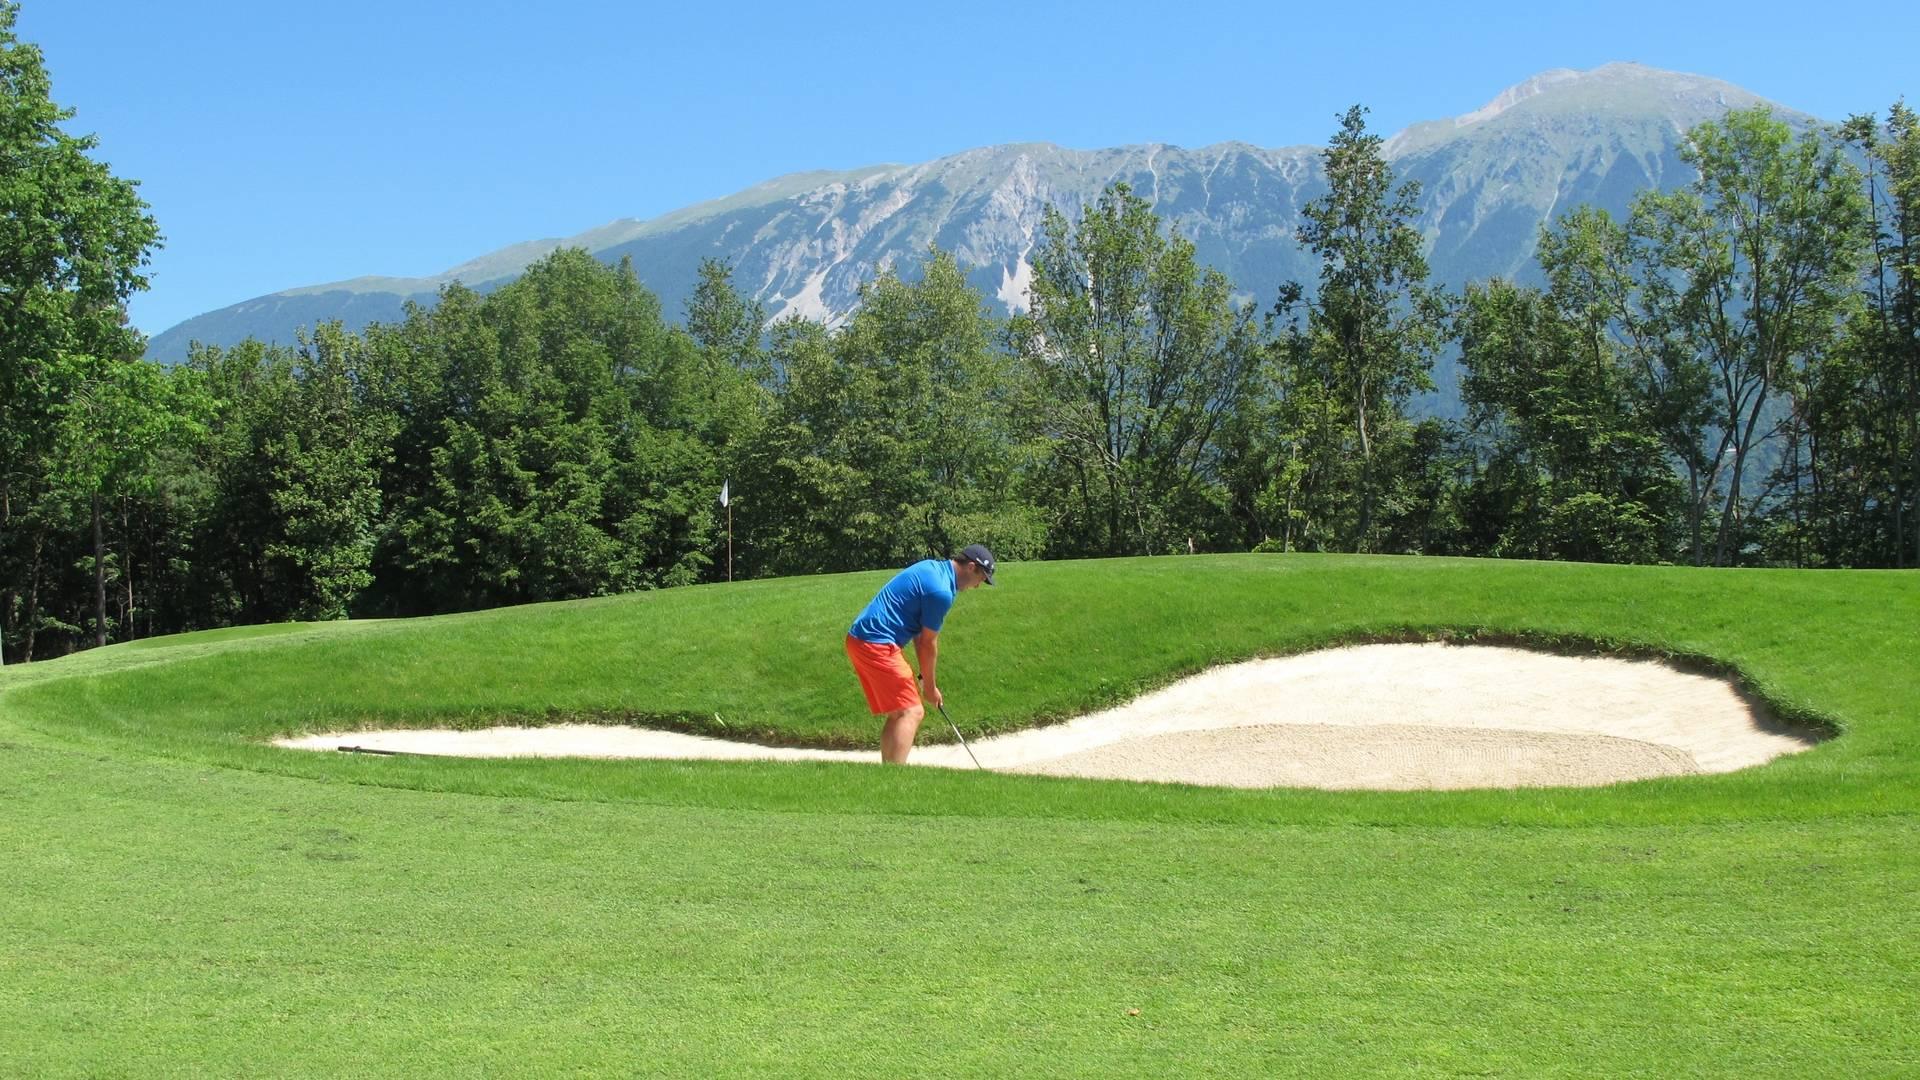 Golfen in drei Ländern, Royal Bled Golf Course in Slowenien